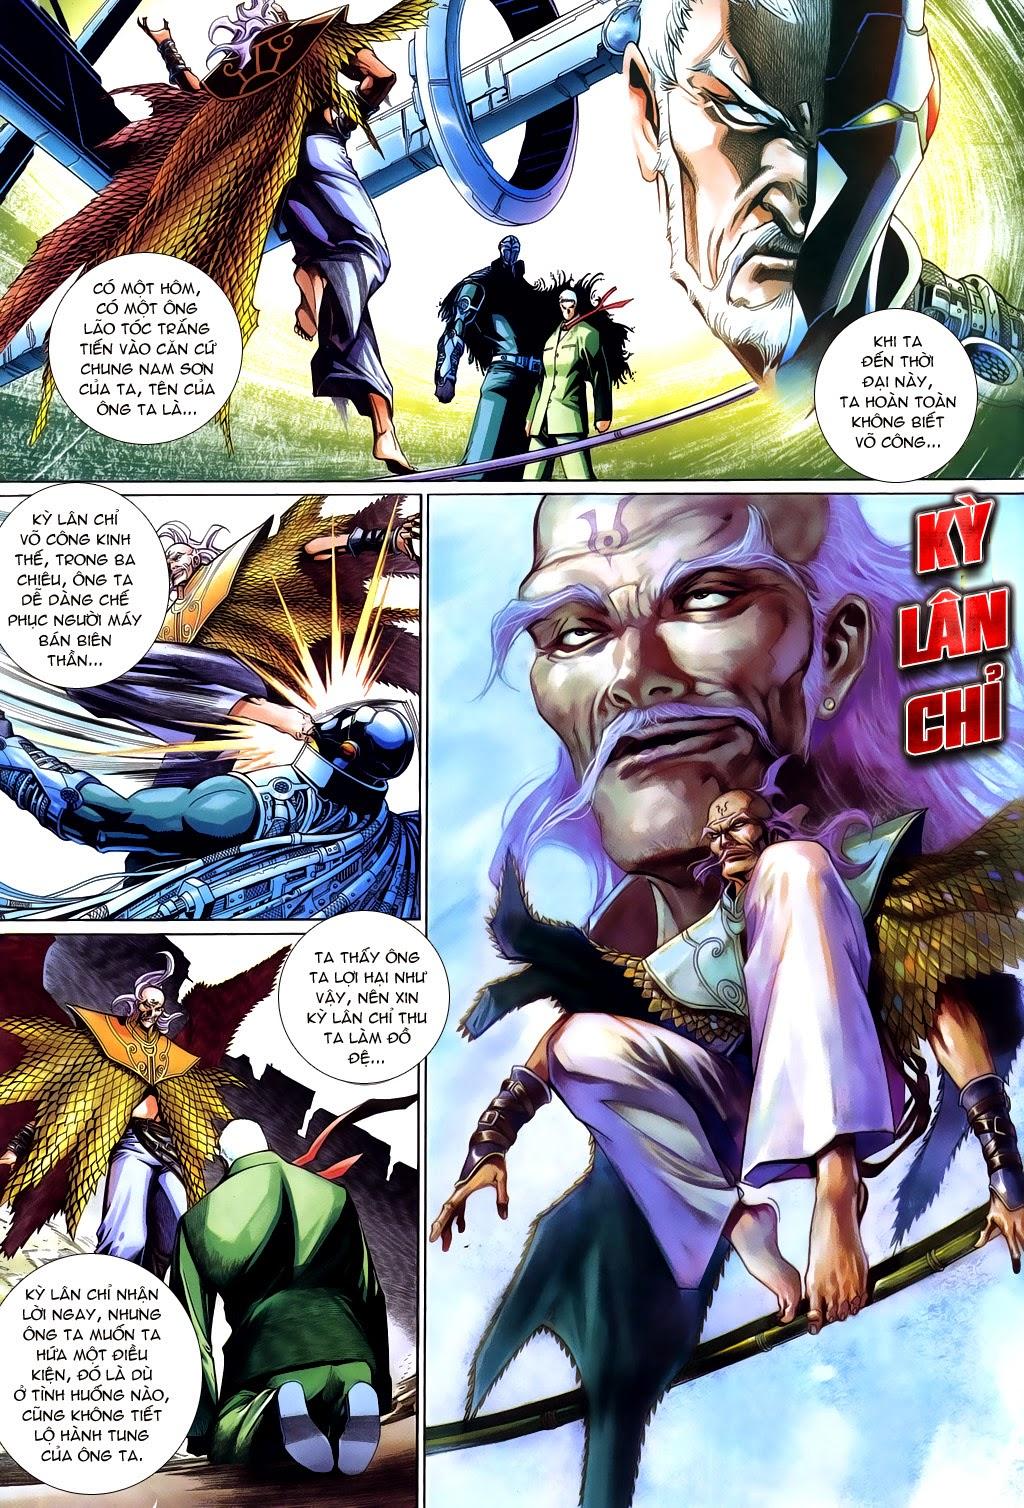 Phong Vân Tân Tác Thần Võ Ký Chap 20 - Next Chap 21